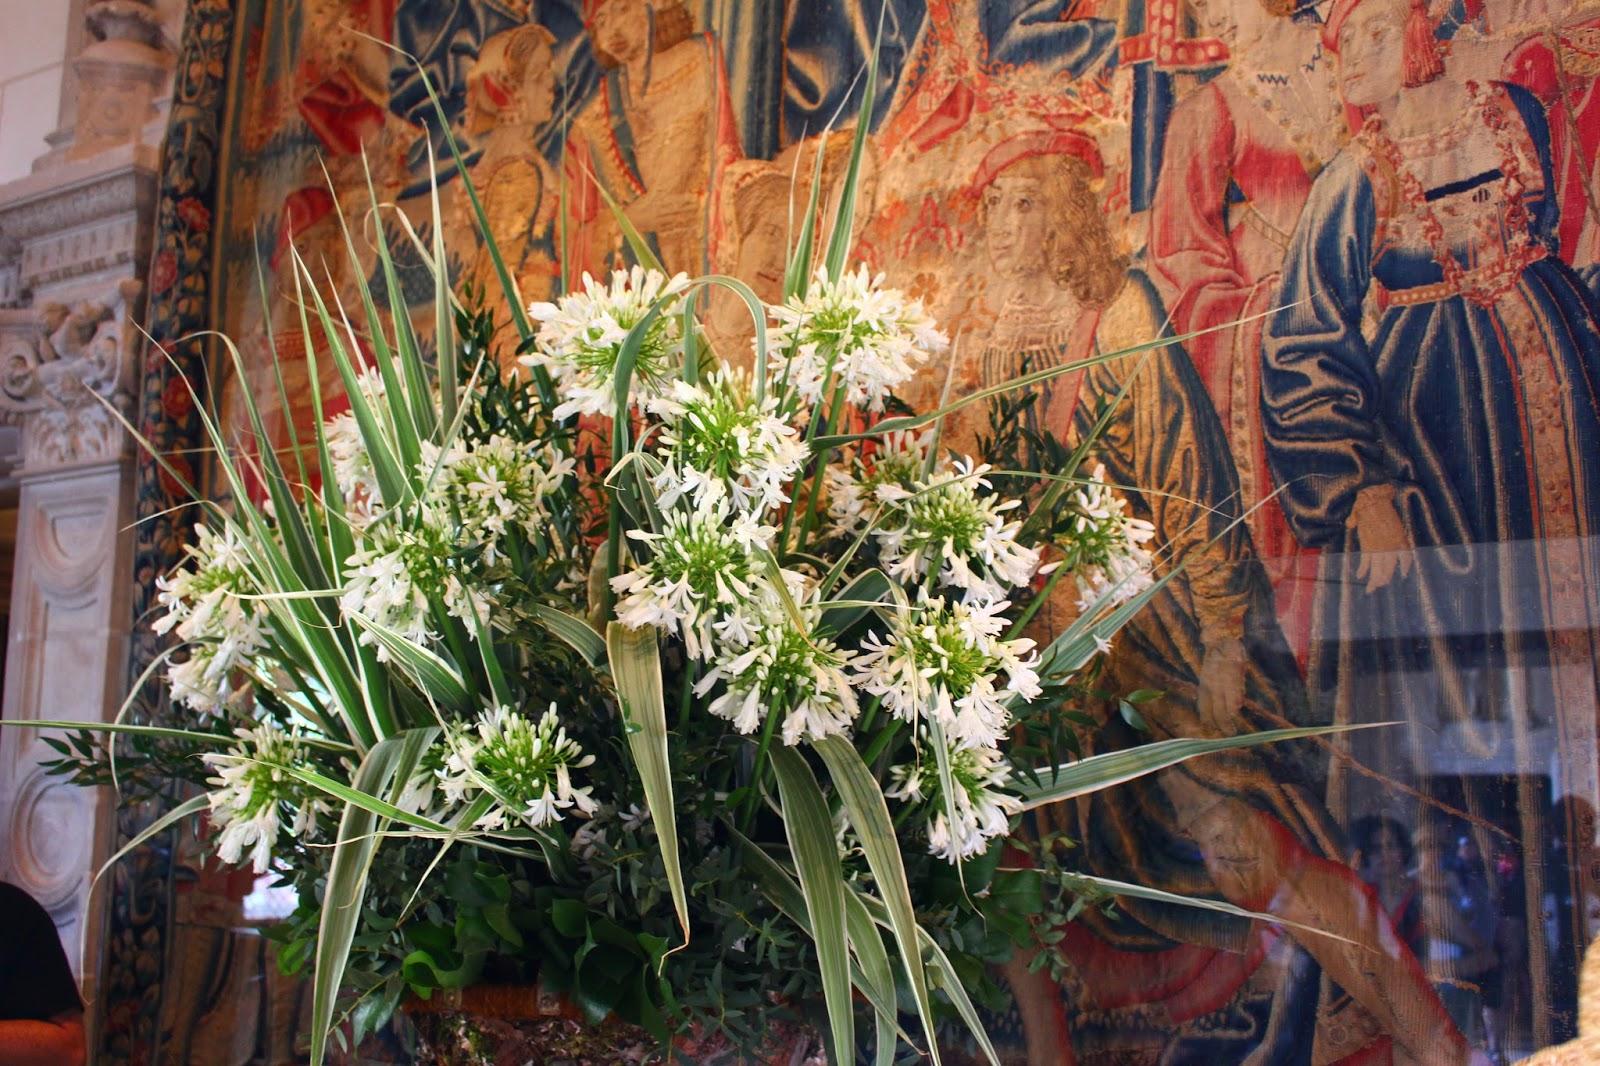 Roses du jardin ch neland un norme bouquet d 39 agapanthe - Enorme bouquet de fleurs ...